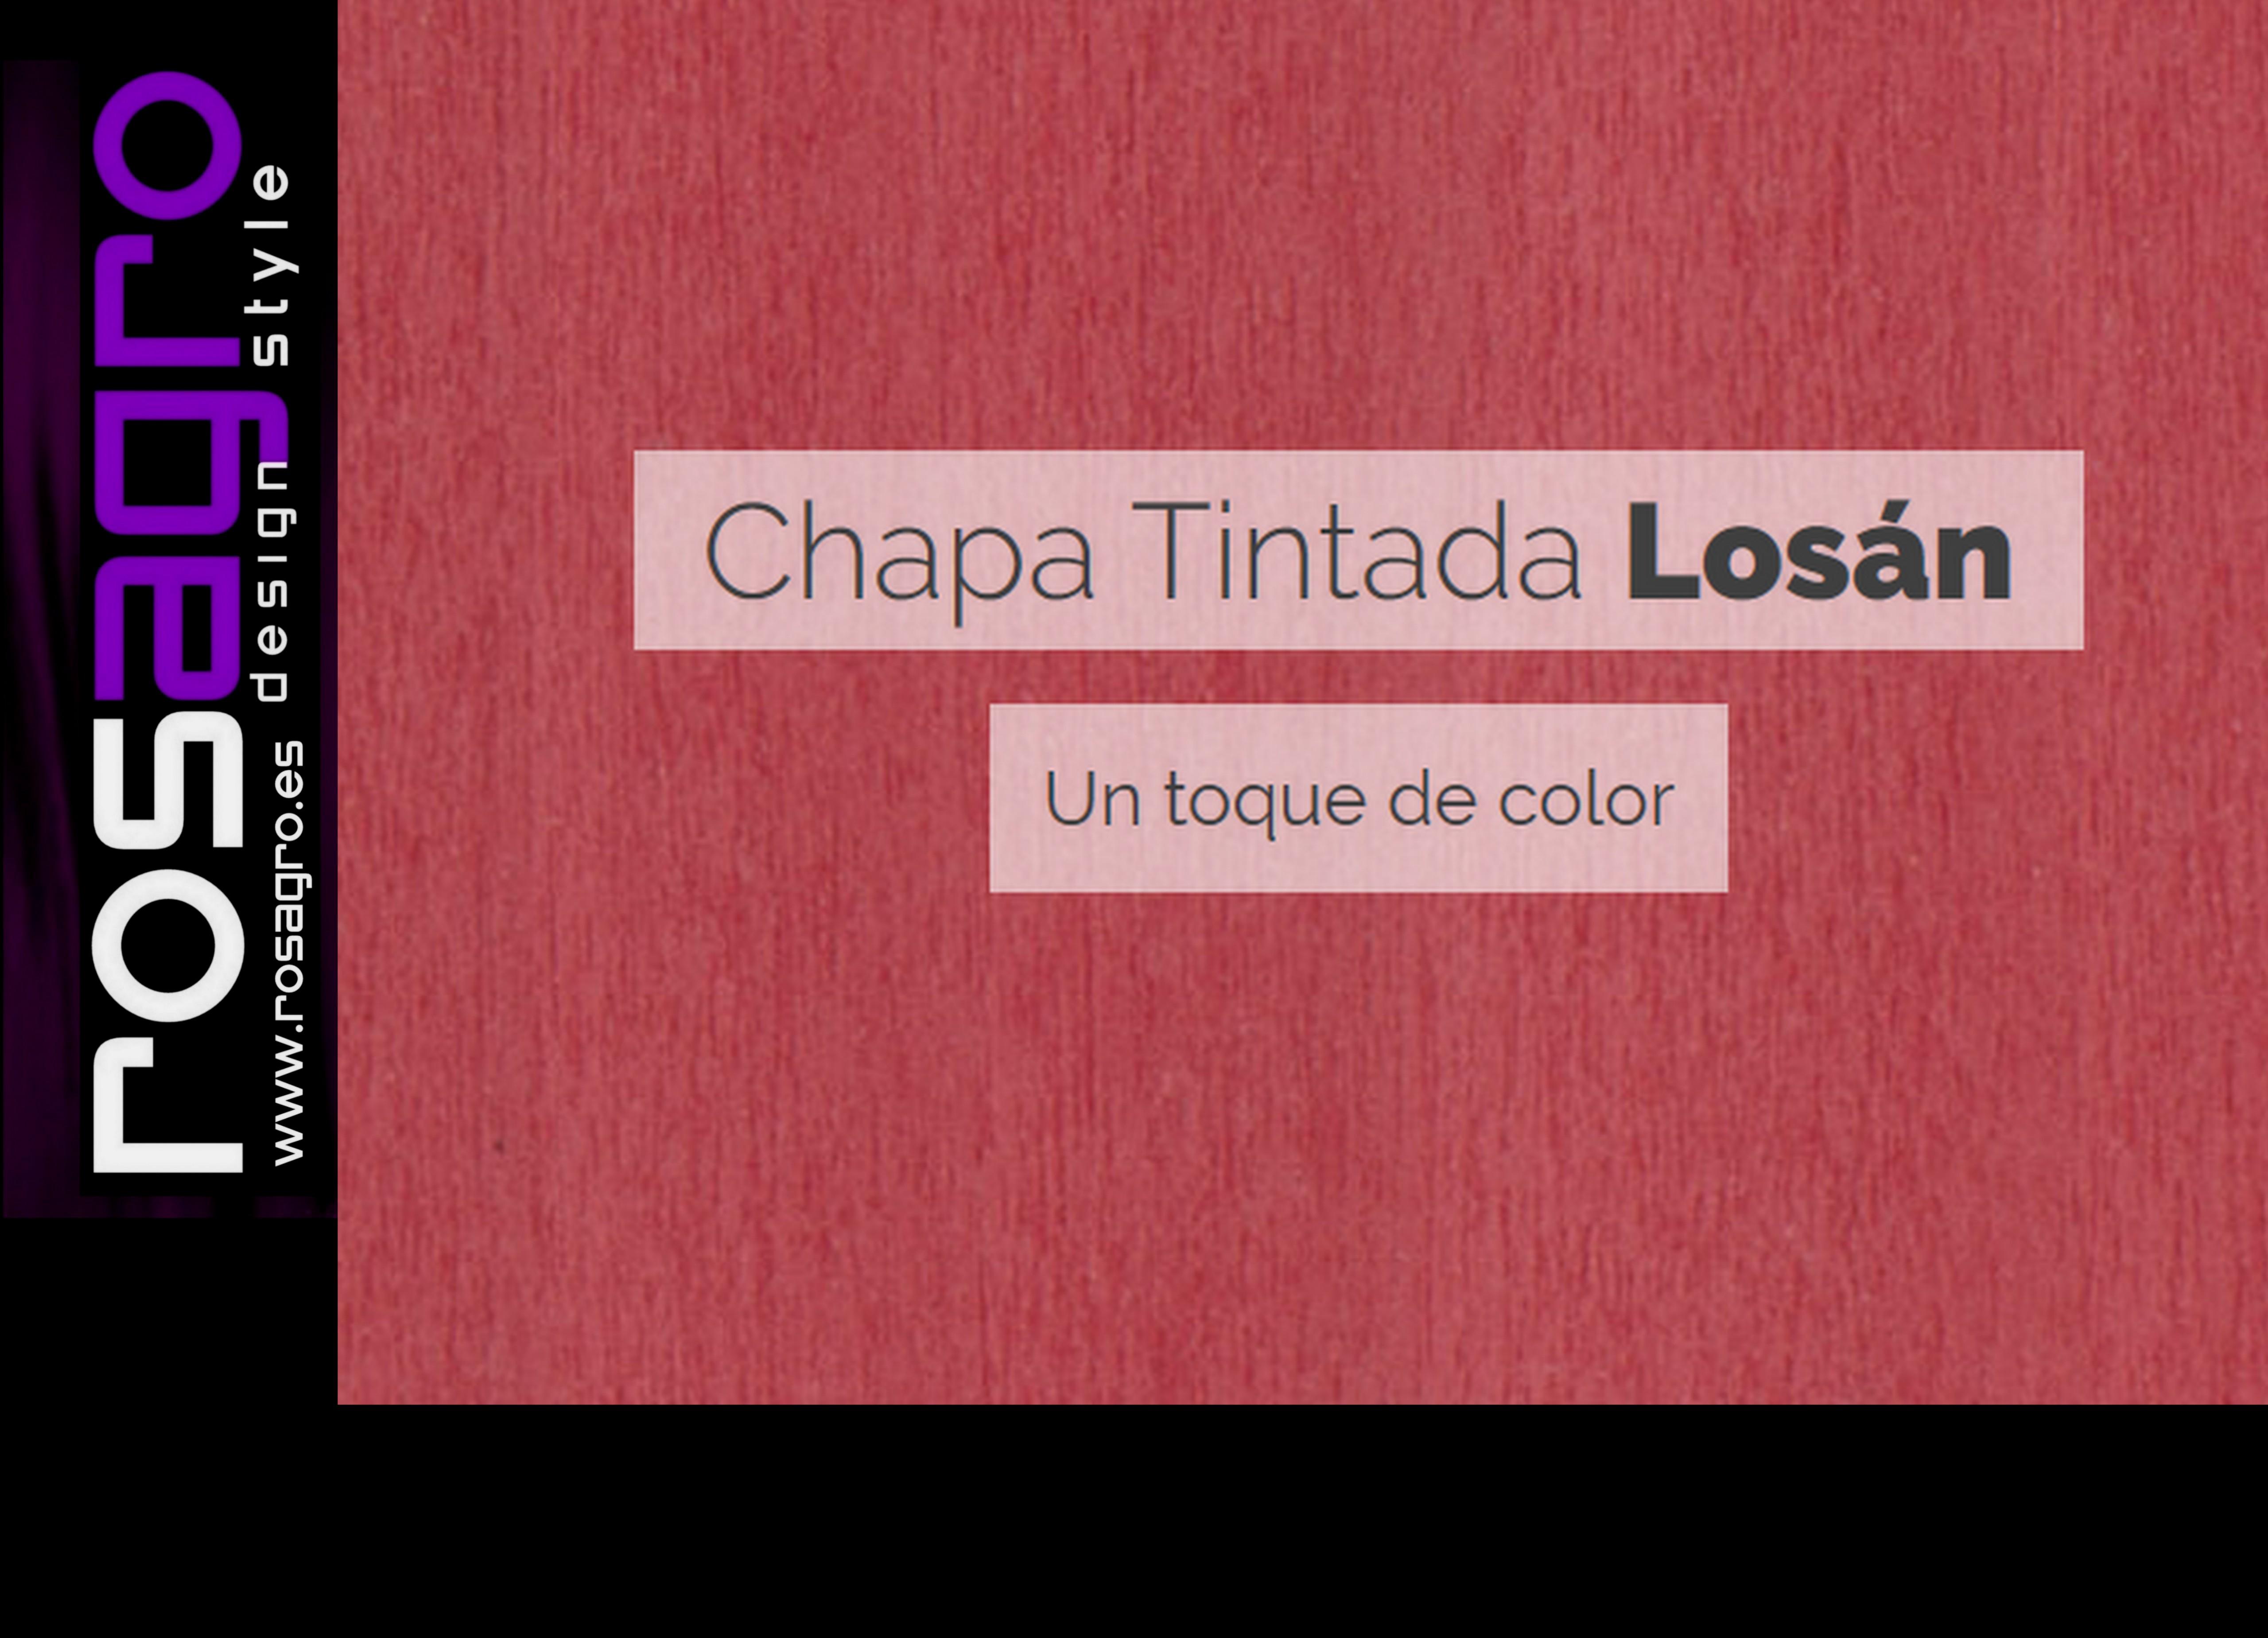 CHAPA TINTADA